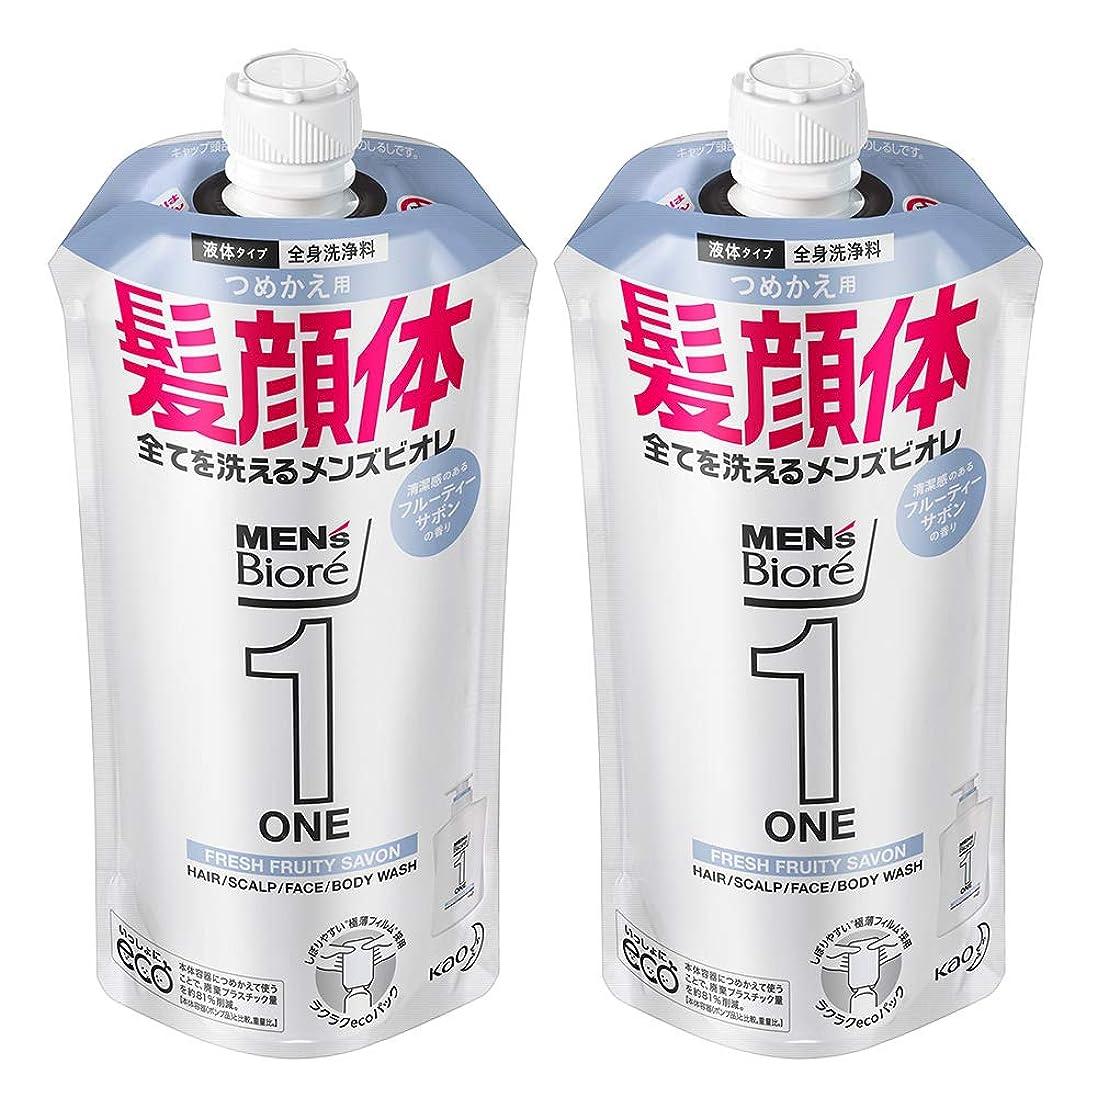 ポーズ計算出します【まとめ買い】メンズビオレ ONE オールインワン全身洗浄料 フルーティーサボンの香り つめかえ用 340ml×2個